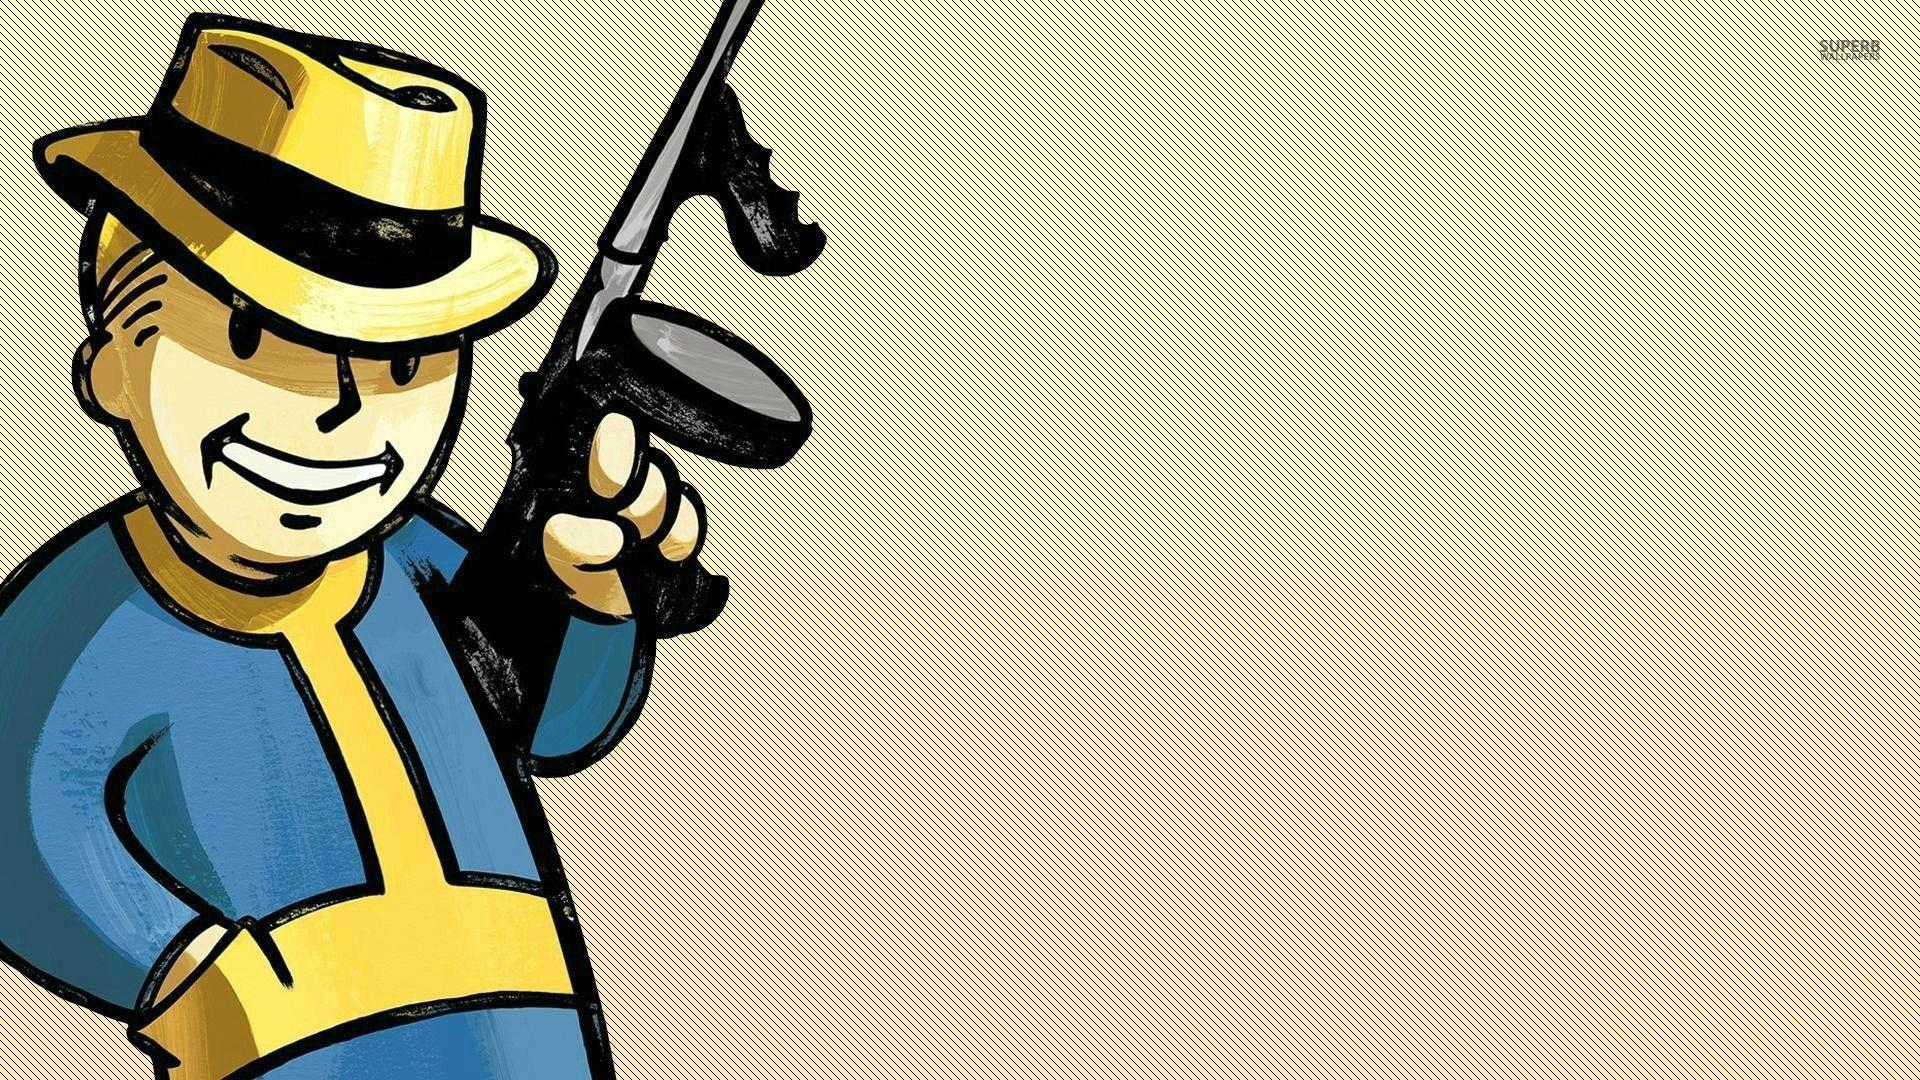 69 Fallout Vault Boy